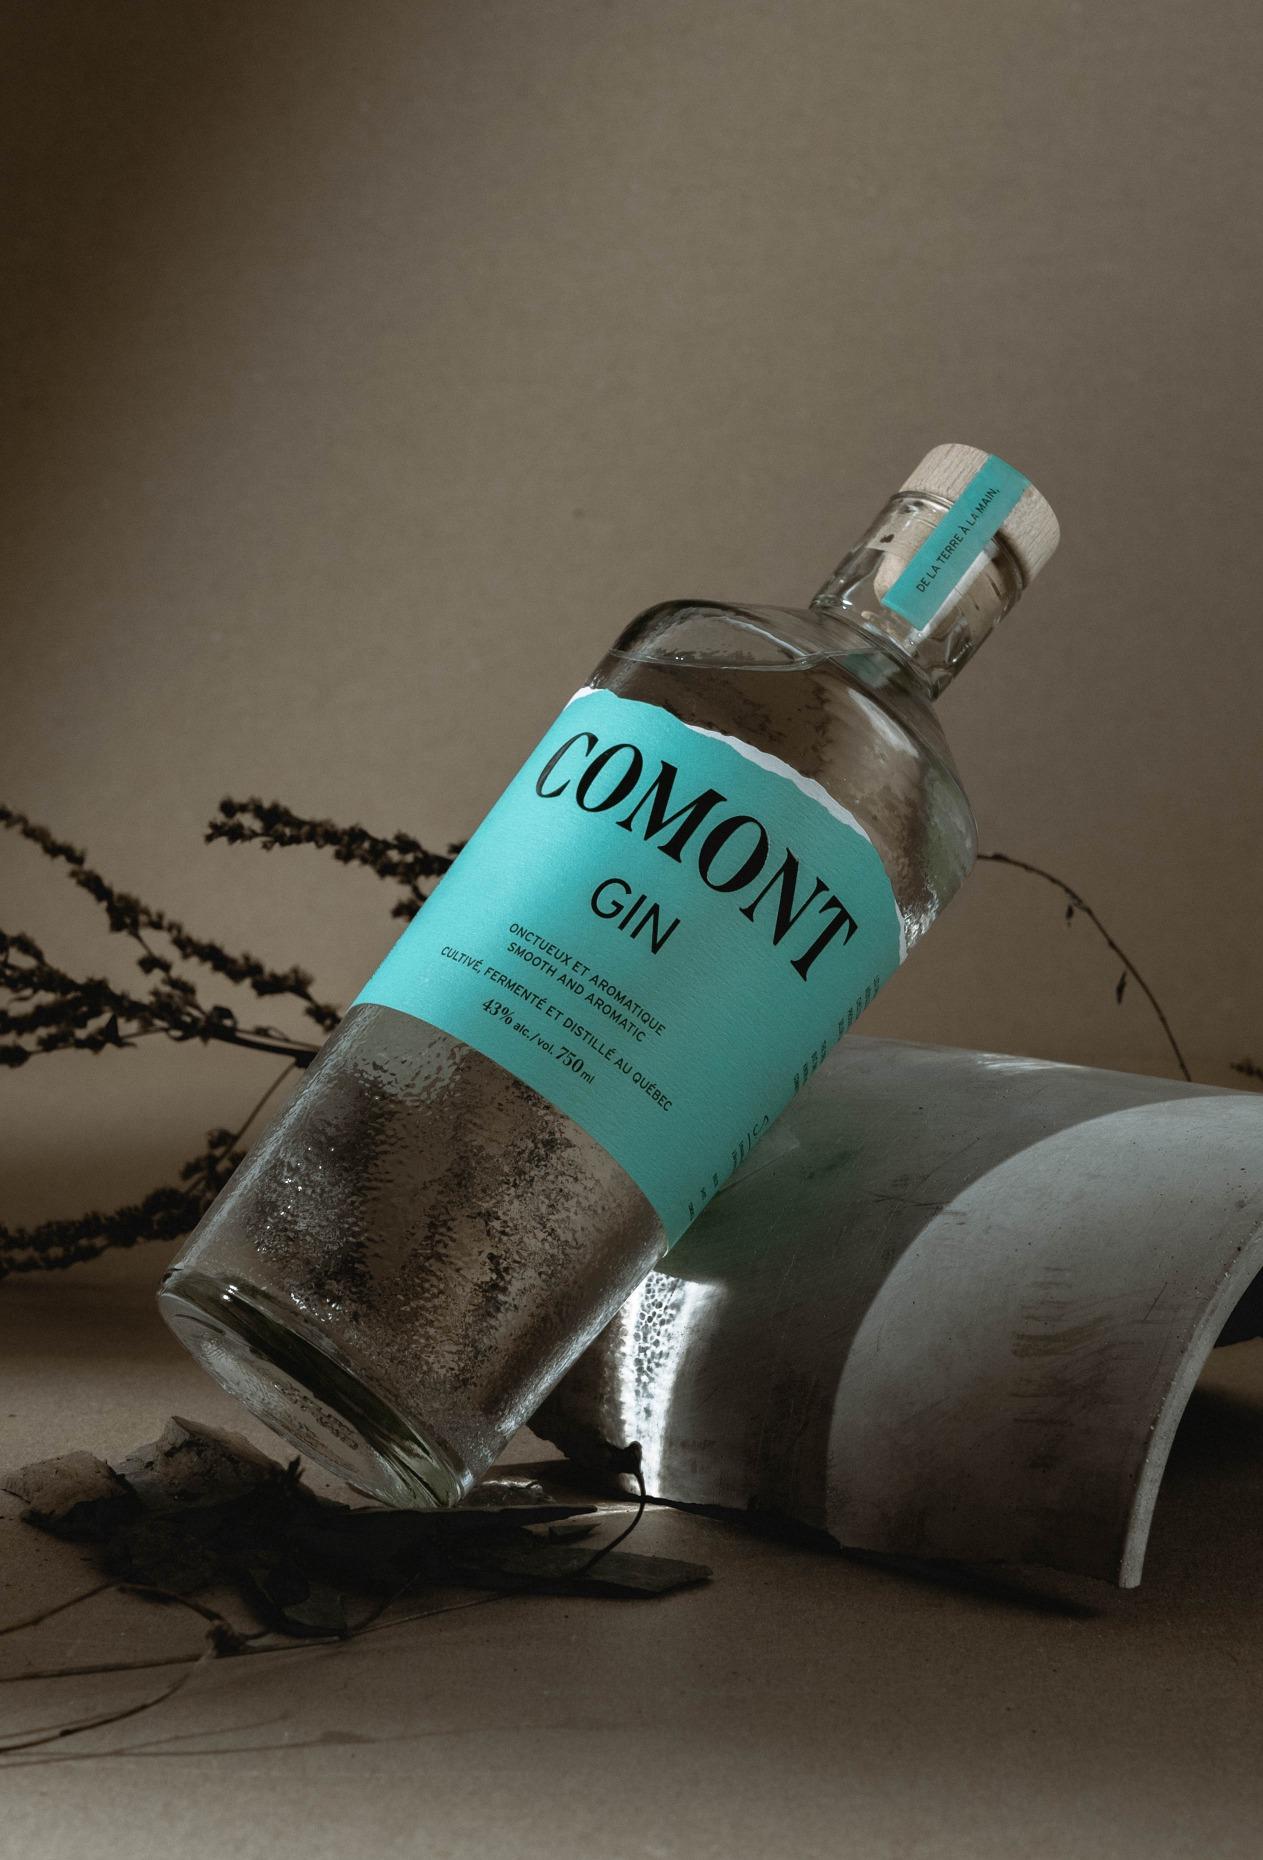 Photo commerciale d'une bouteille de Gin Comont